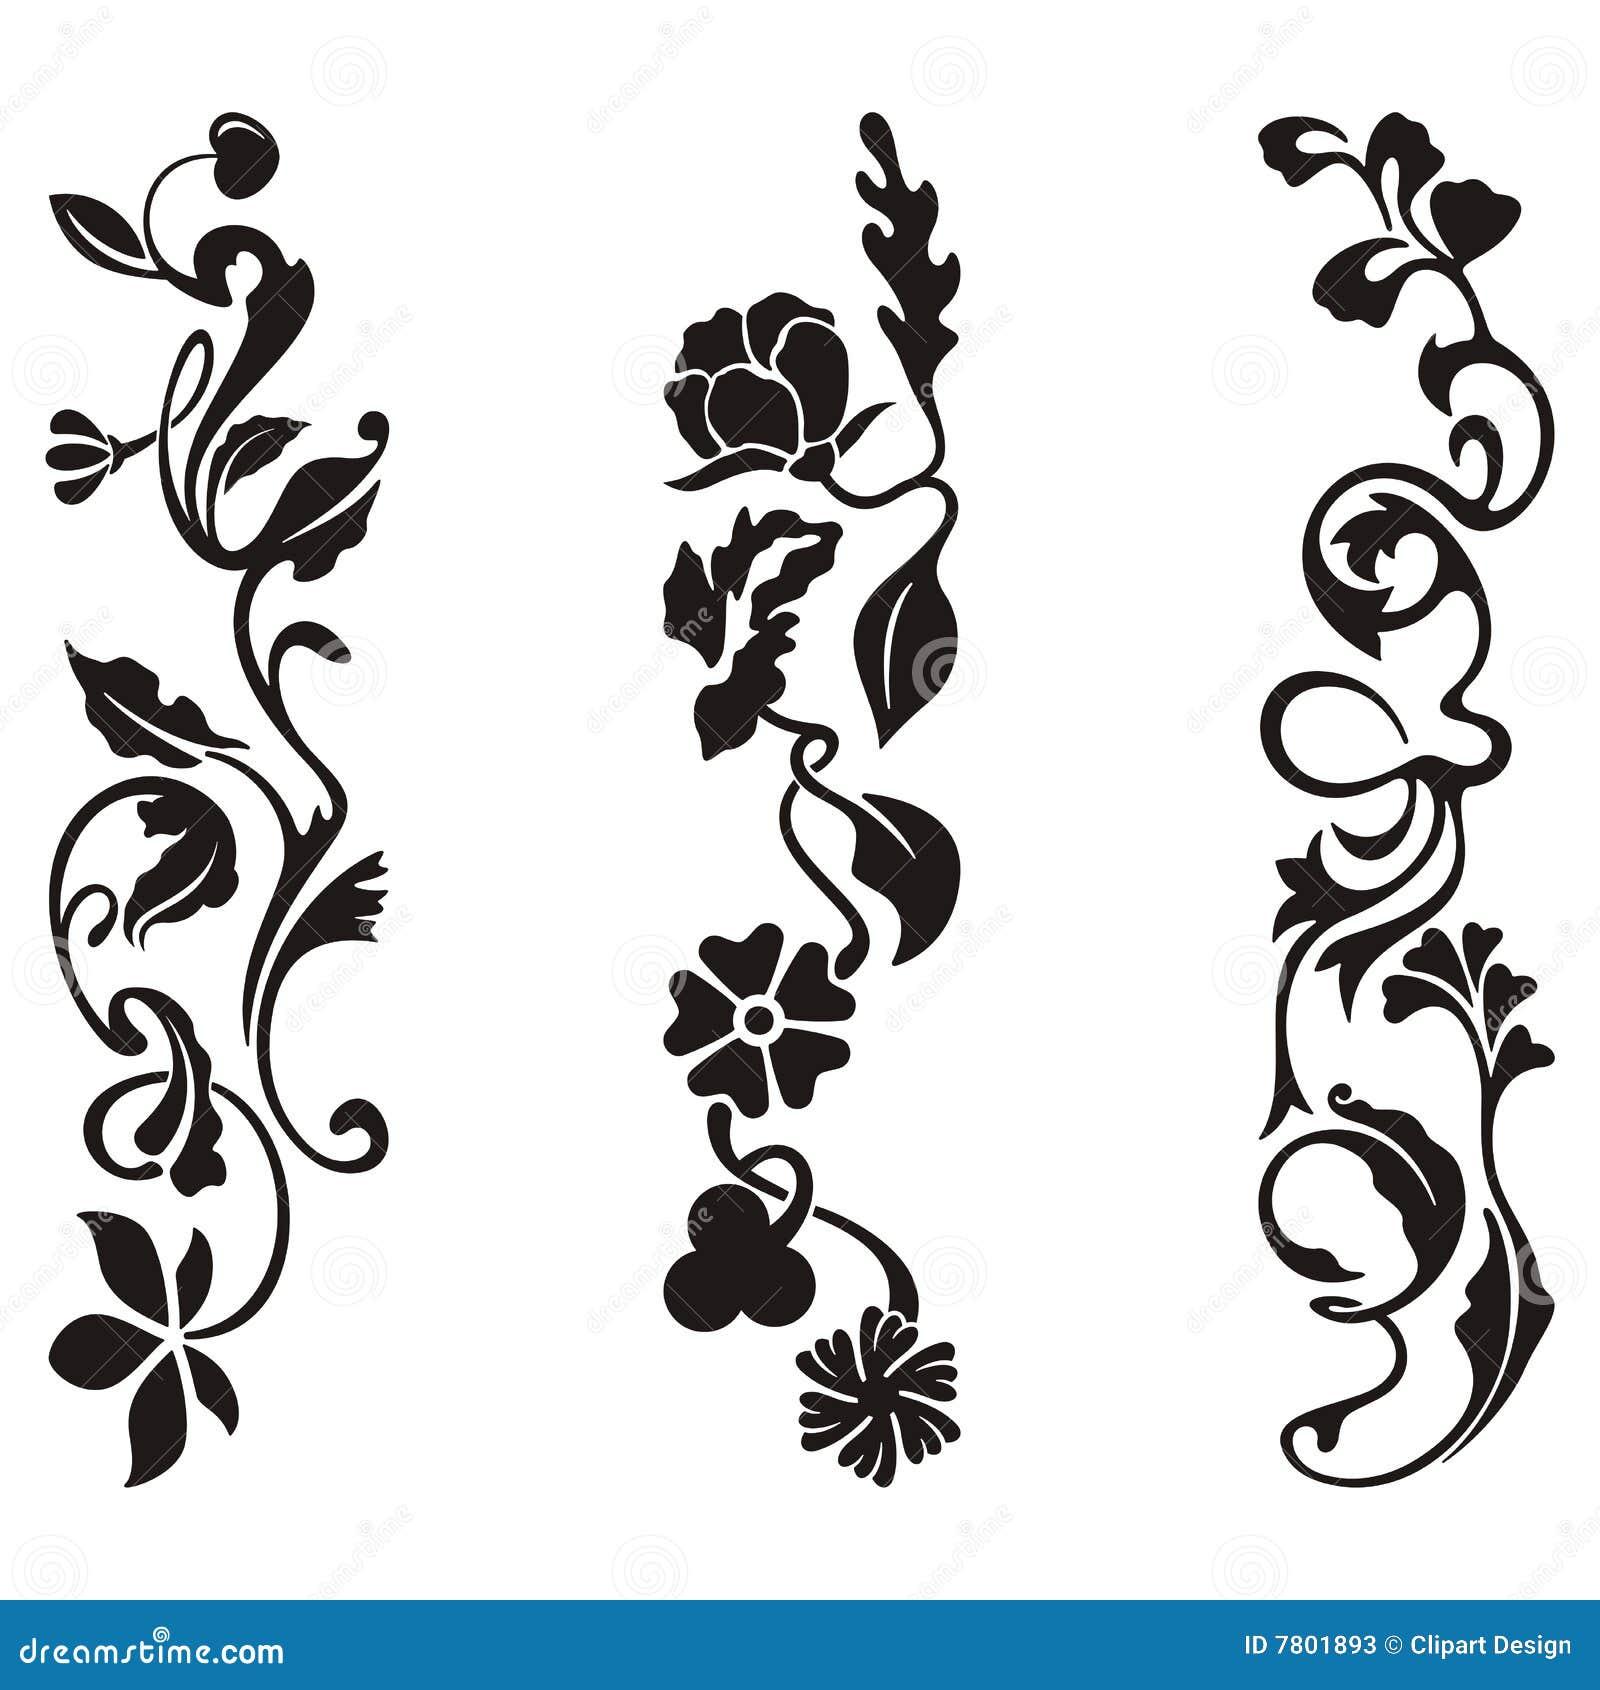 Disegni ornamentali del fregio illustrazione di stock for Fiori ornamentali